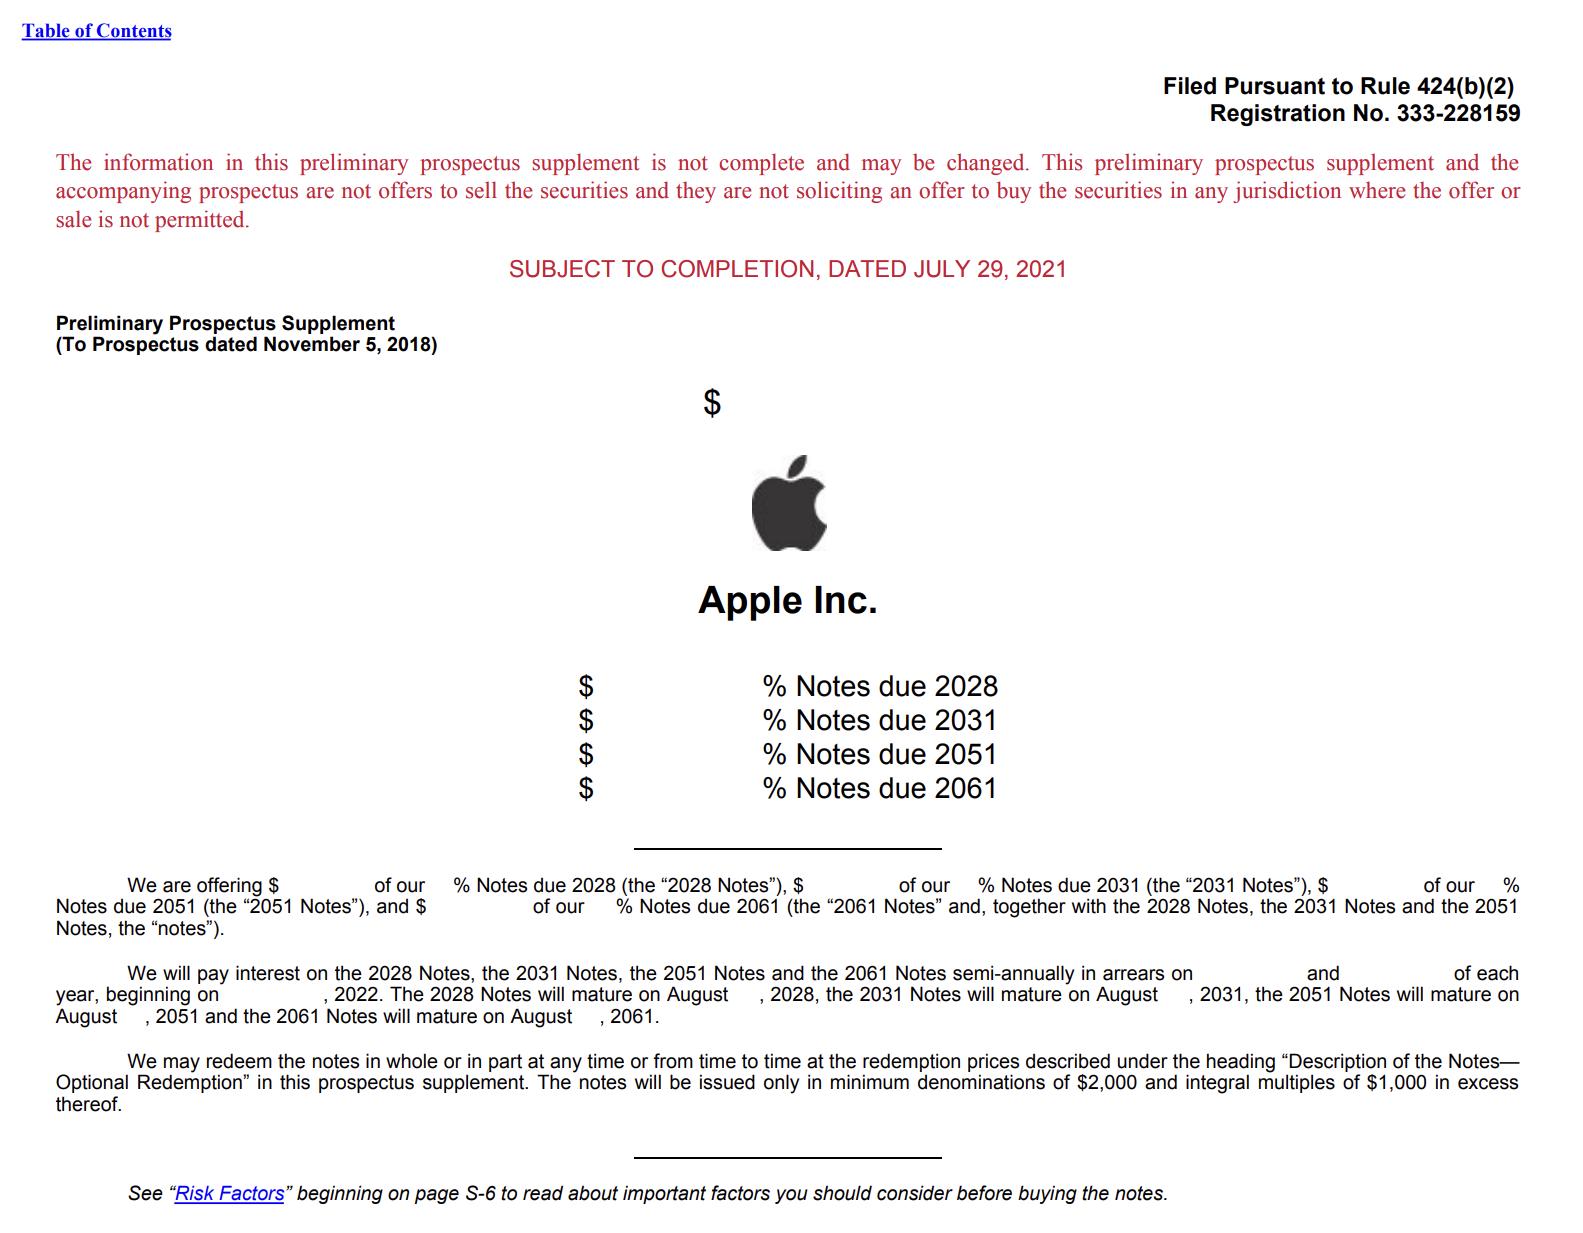 苹果将发行价值65亿美元债券 为后续投资增加现金储备